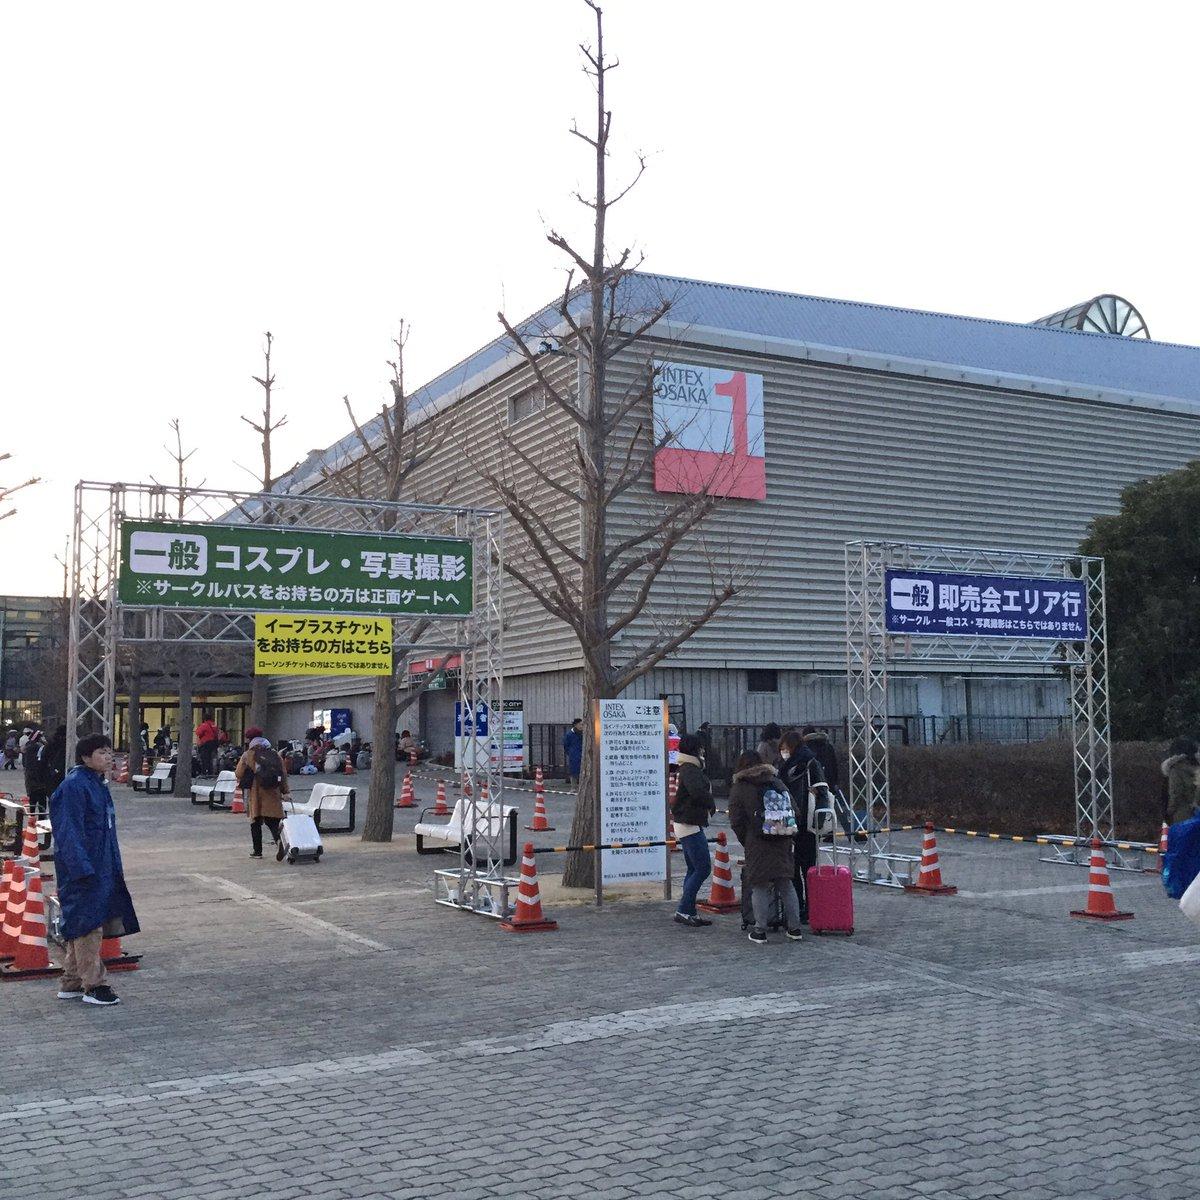 おはようございます。只今のインテックス大阪の気温0.6℃ 晴れ 一般来場者ゲートを開門しました。画像…